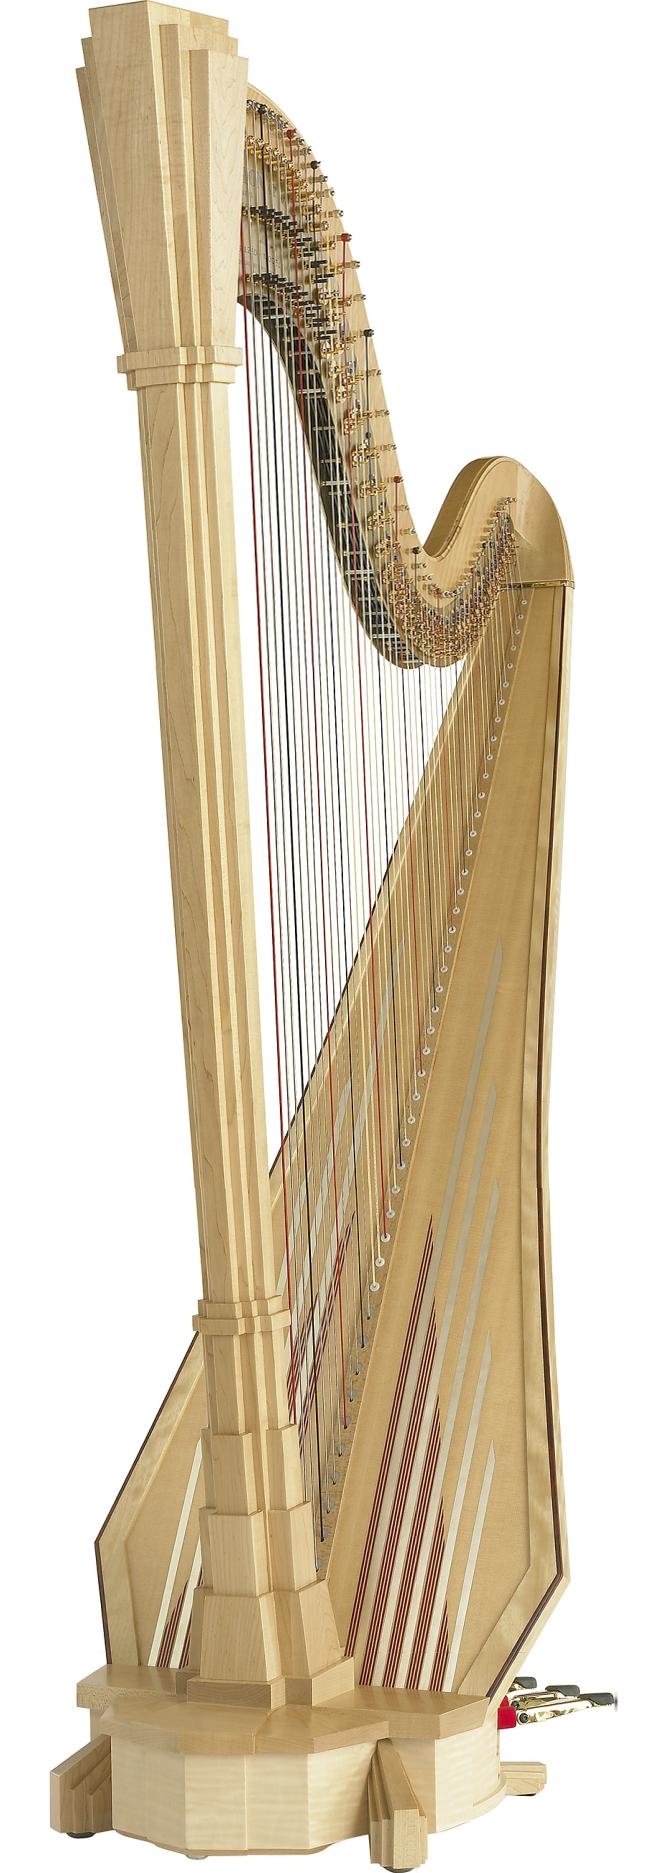 LYON&HEALY SALZEDO koncertní harfa 47 st